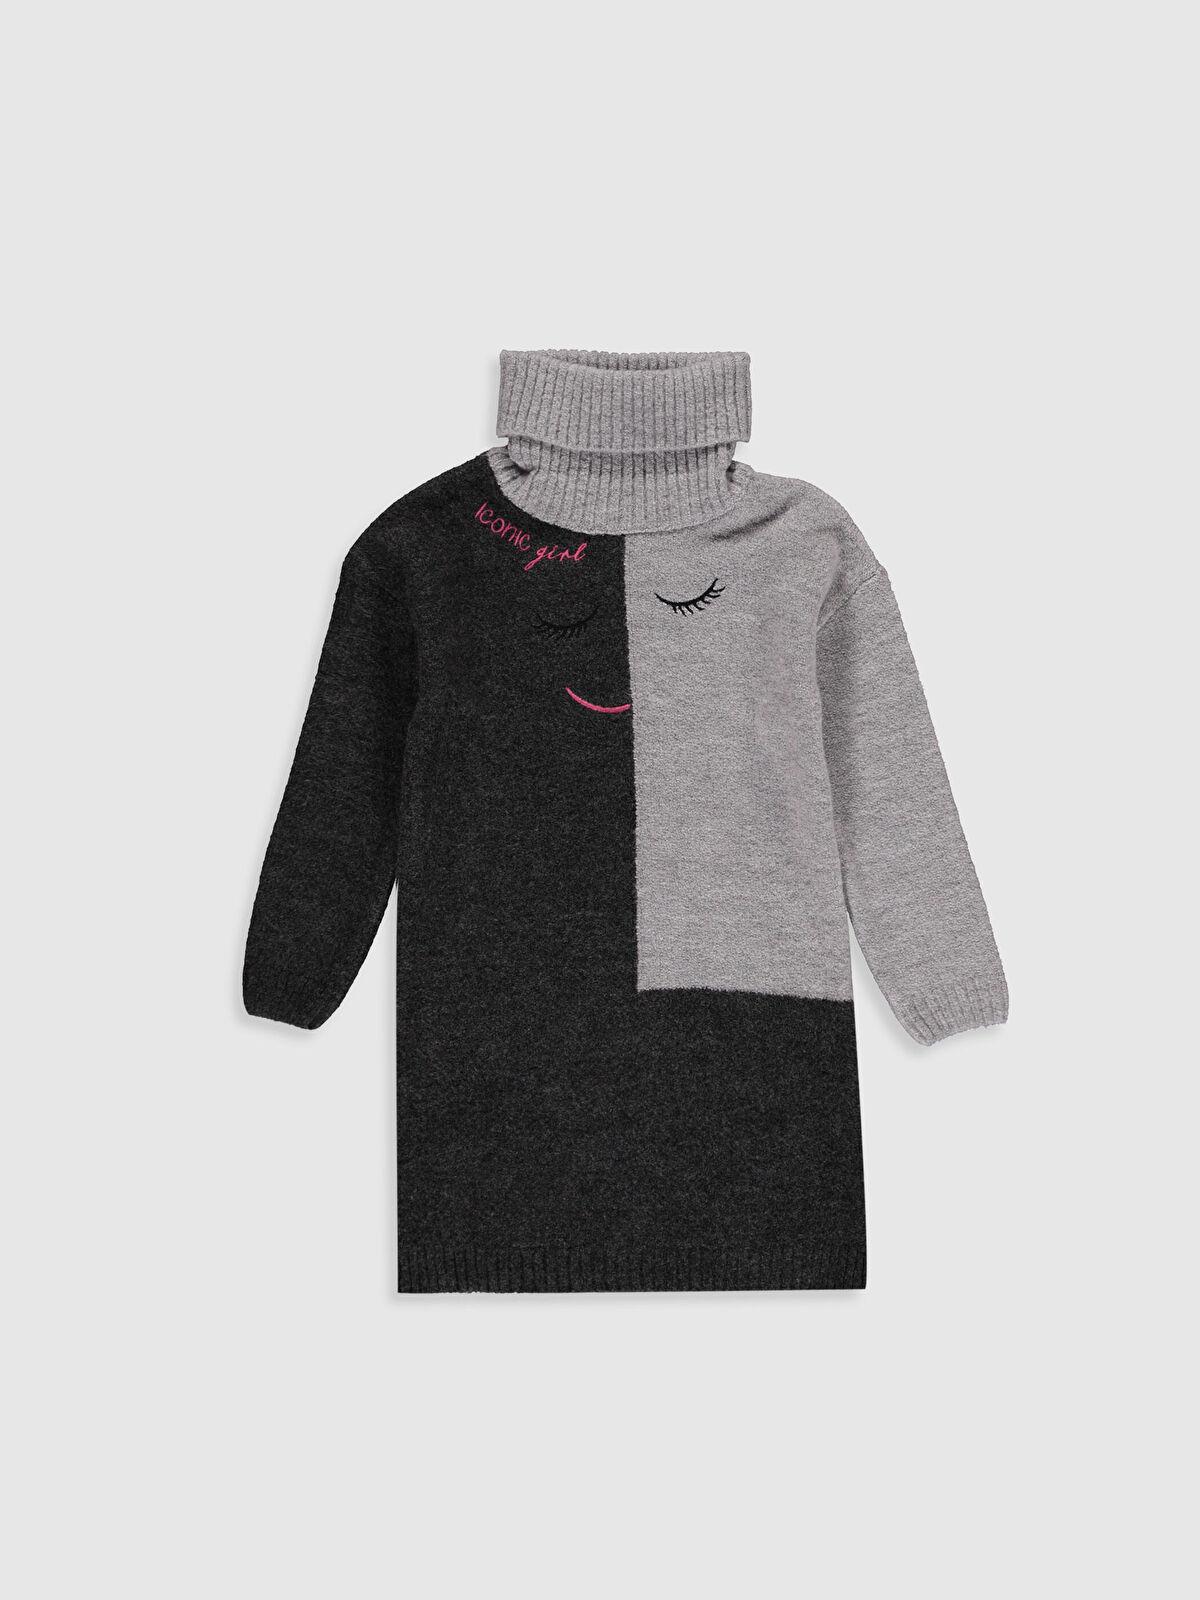 Kız Çocuk Balıkçı Yaka Triko Elbise - LC WAIKIKI